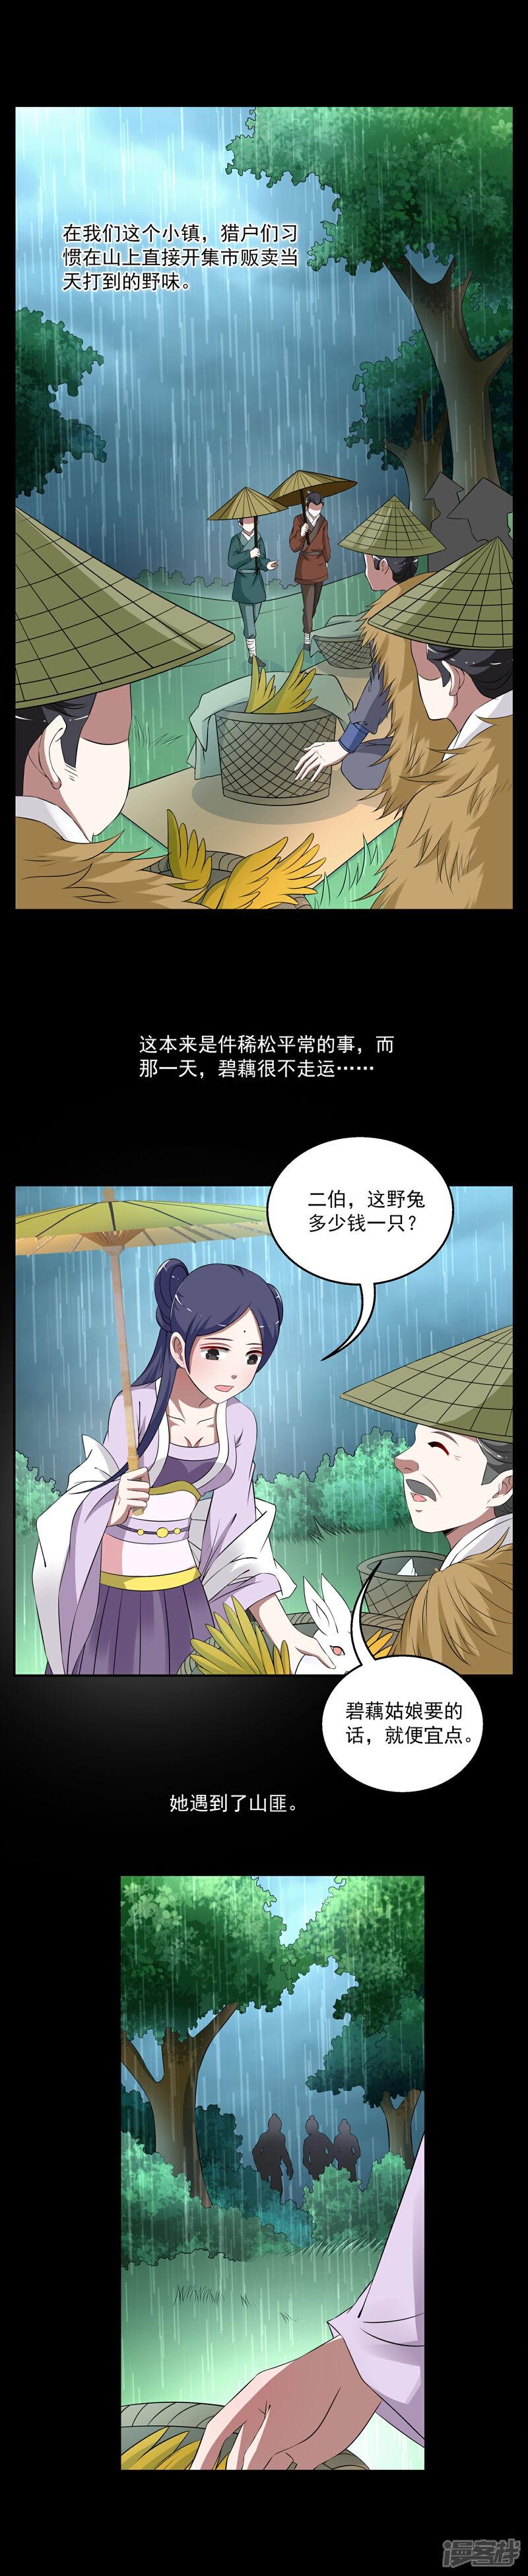 洛小妖192 (2).JPG